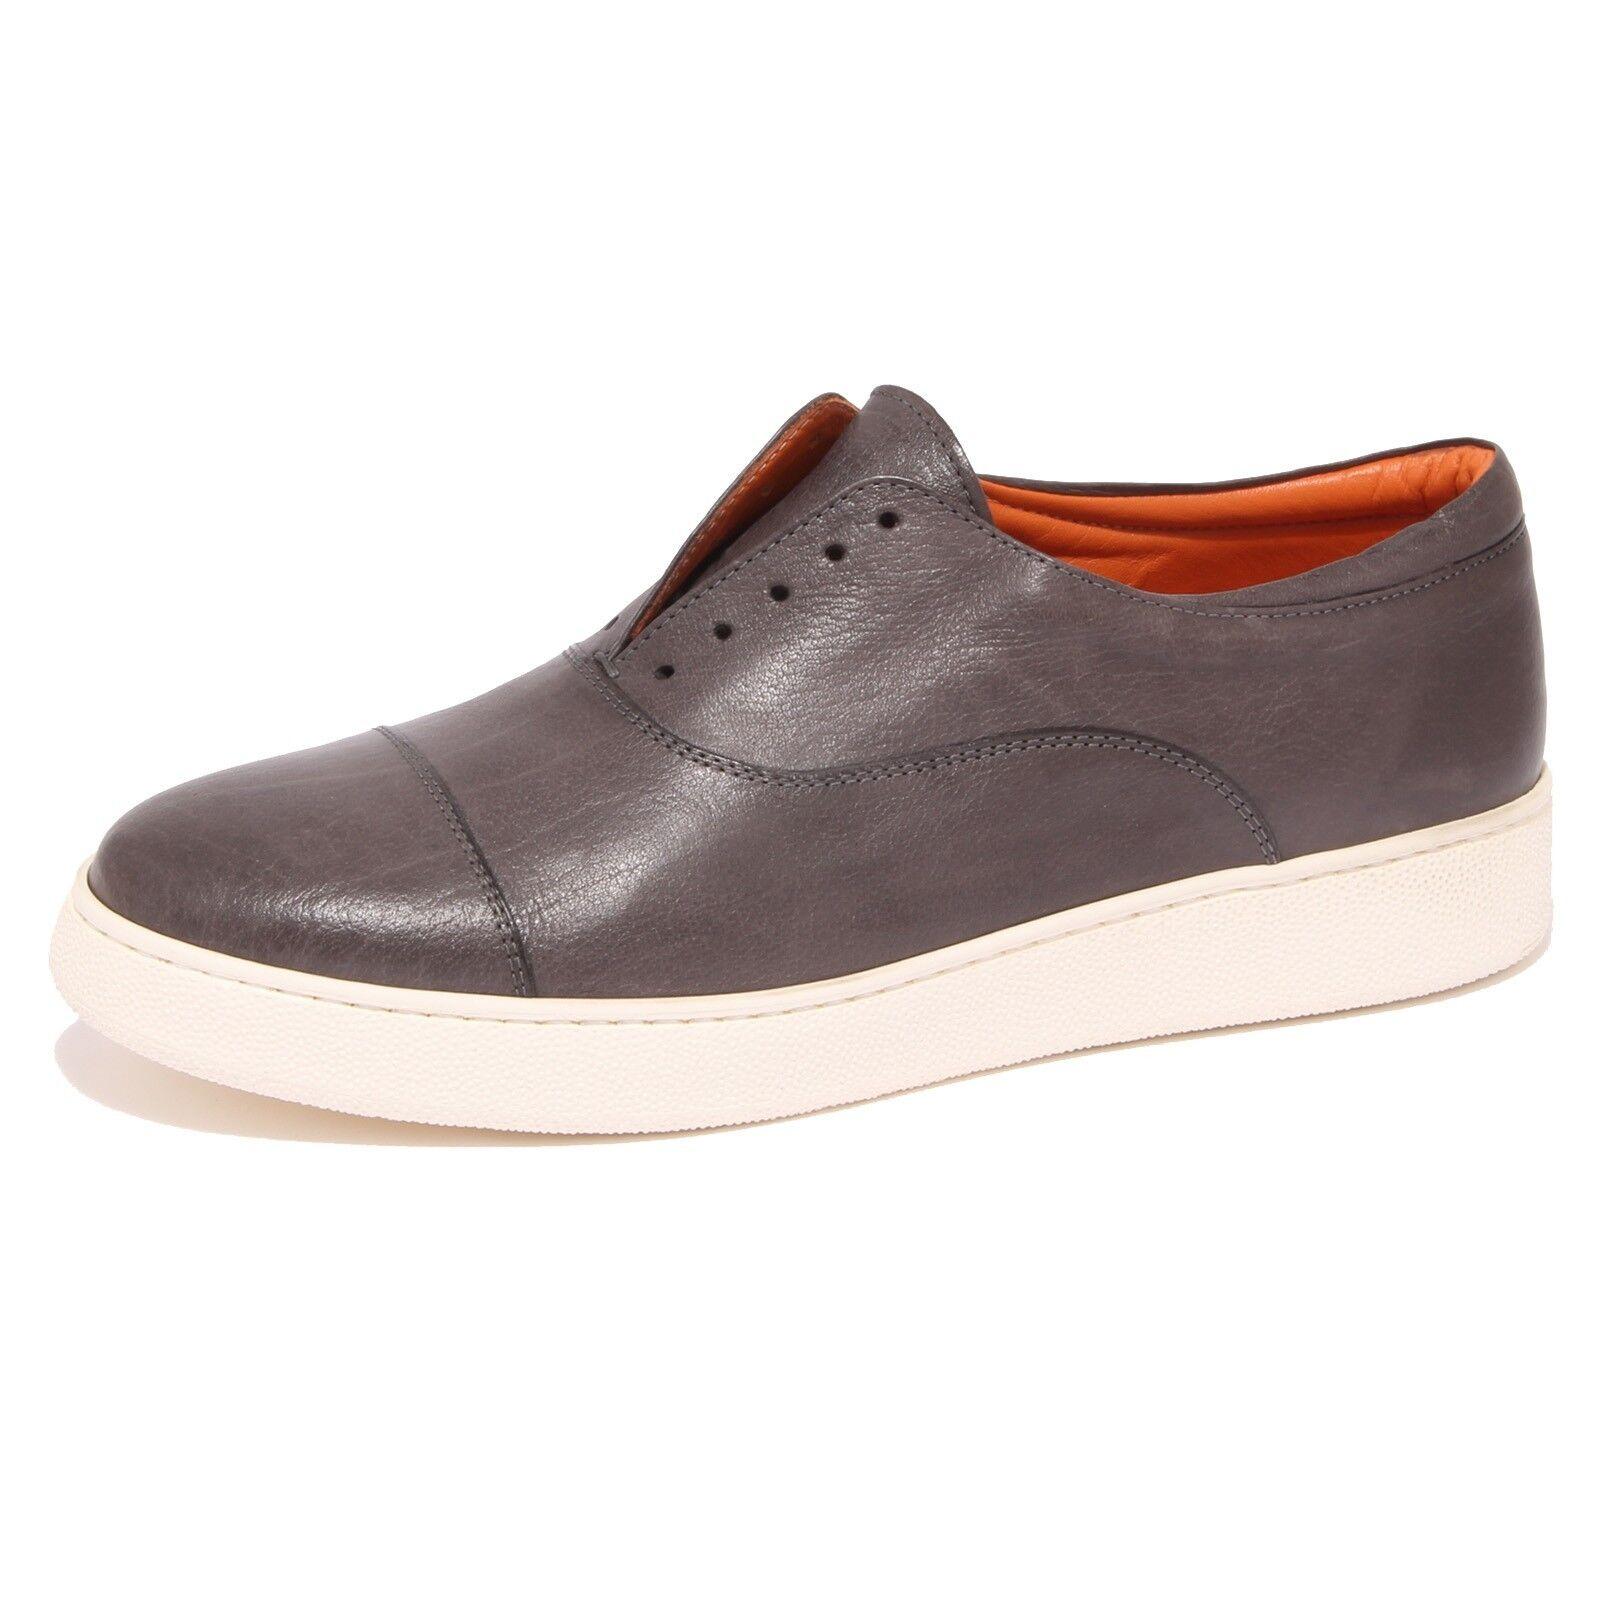 9179P scarpa uomo CARACCIOLO 1971 SLEEP ON grigio shoe men